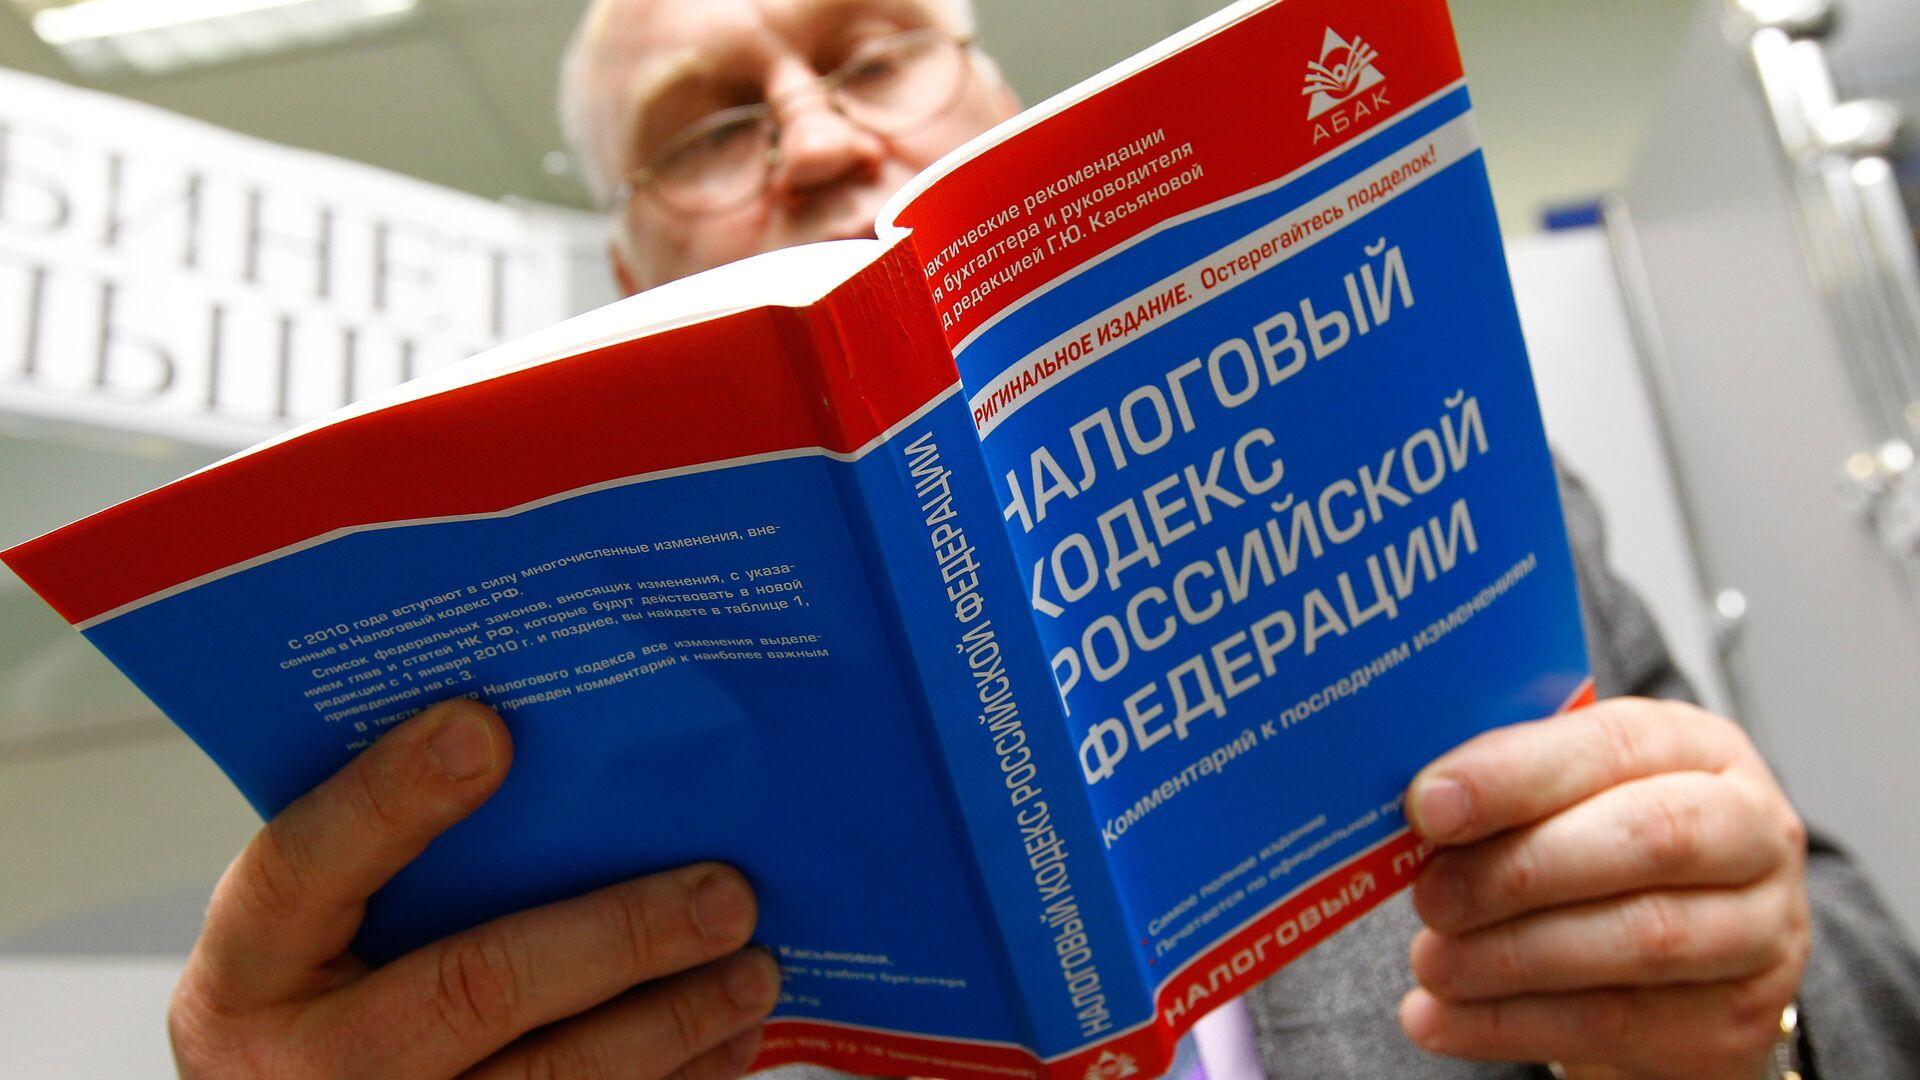 Налоговый кодекс Российской Федерации - РИА Новости, 1920, 08.06.2020